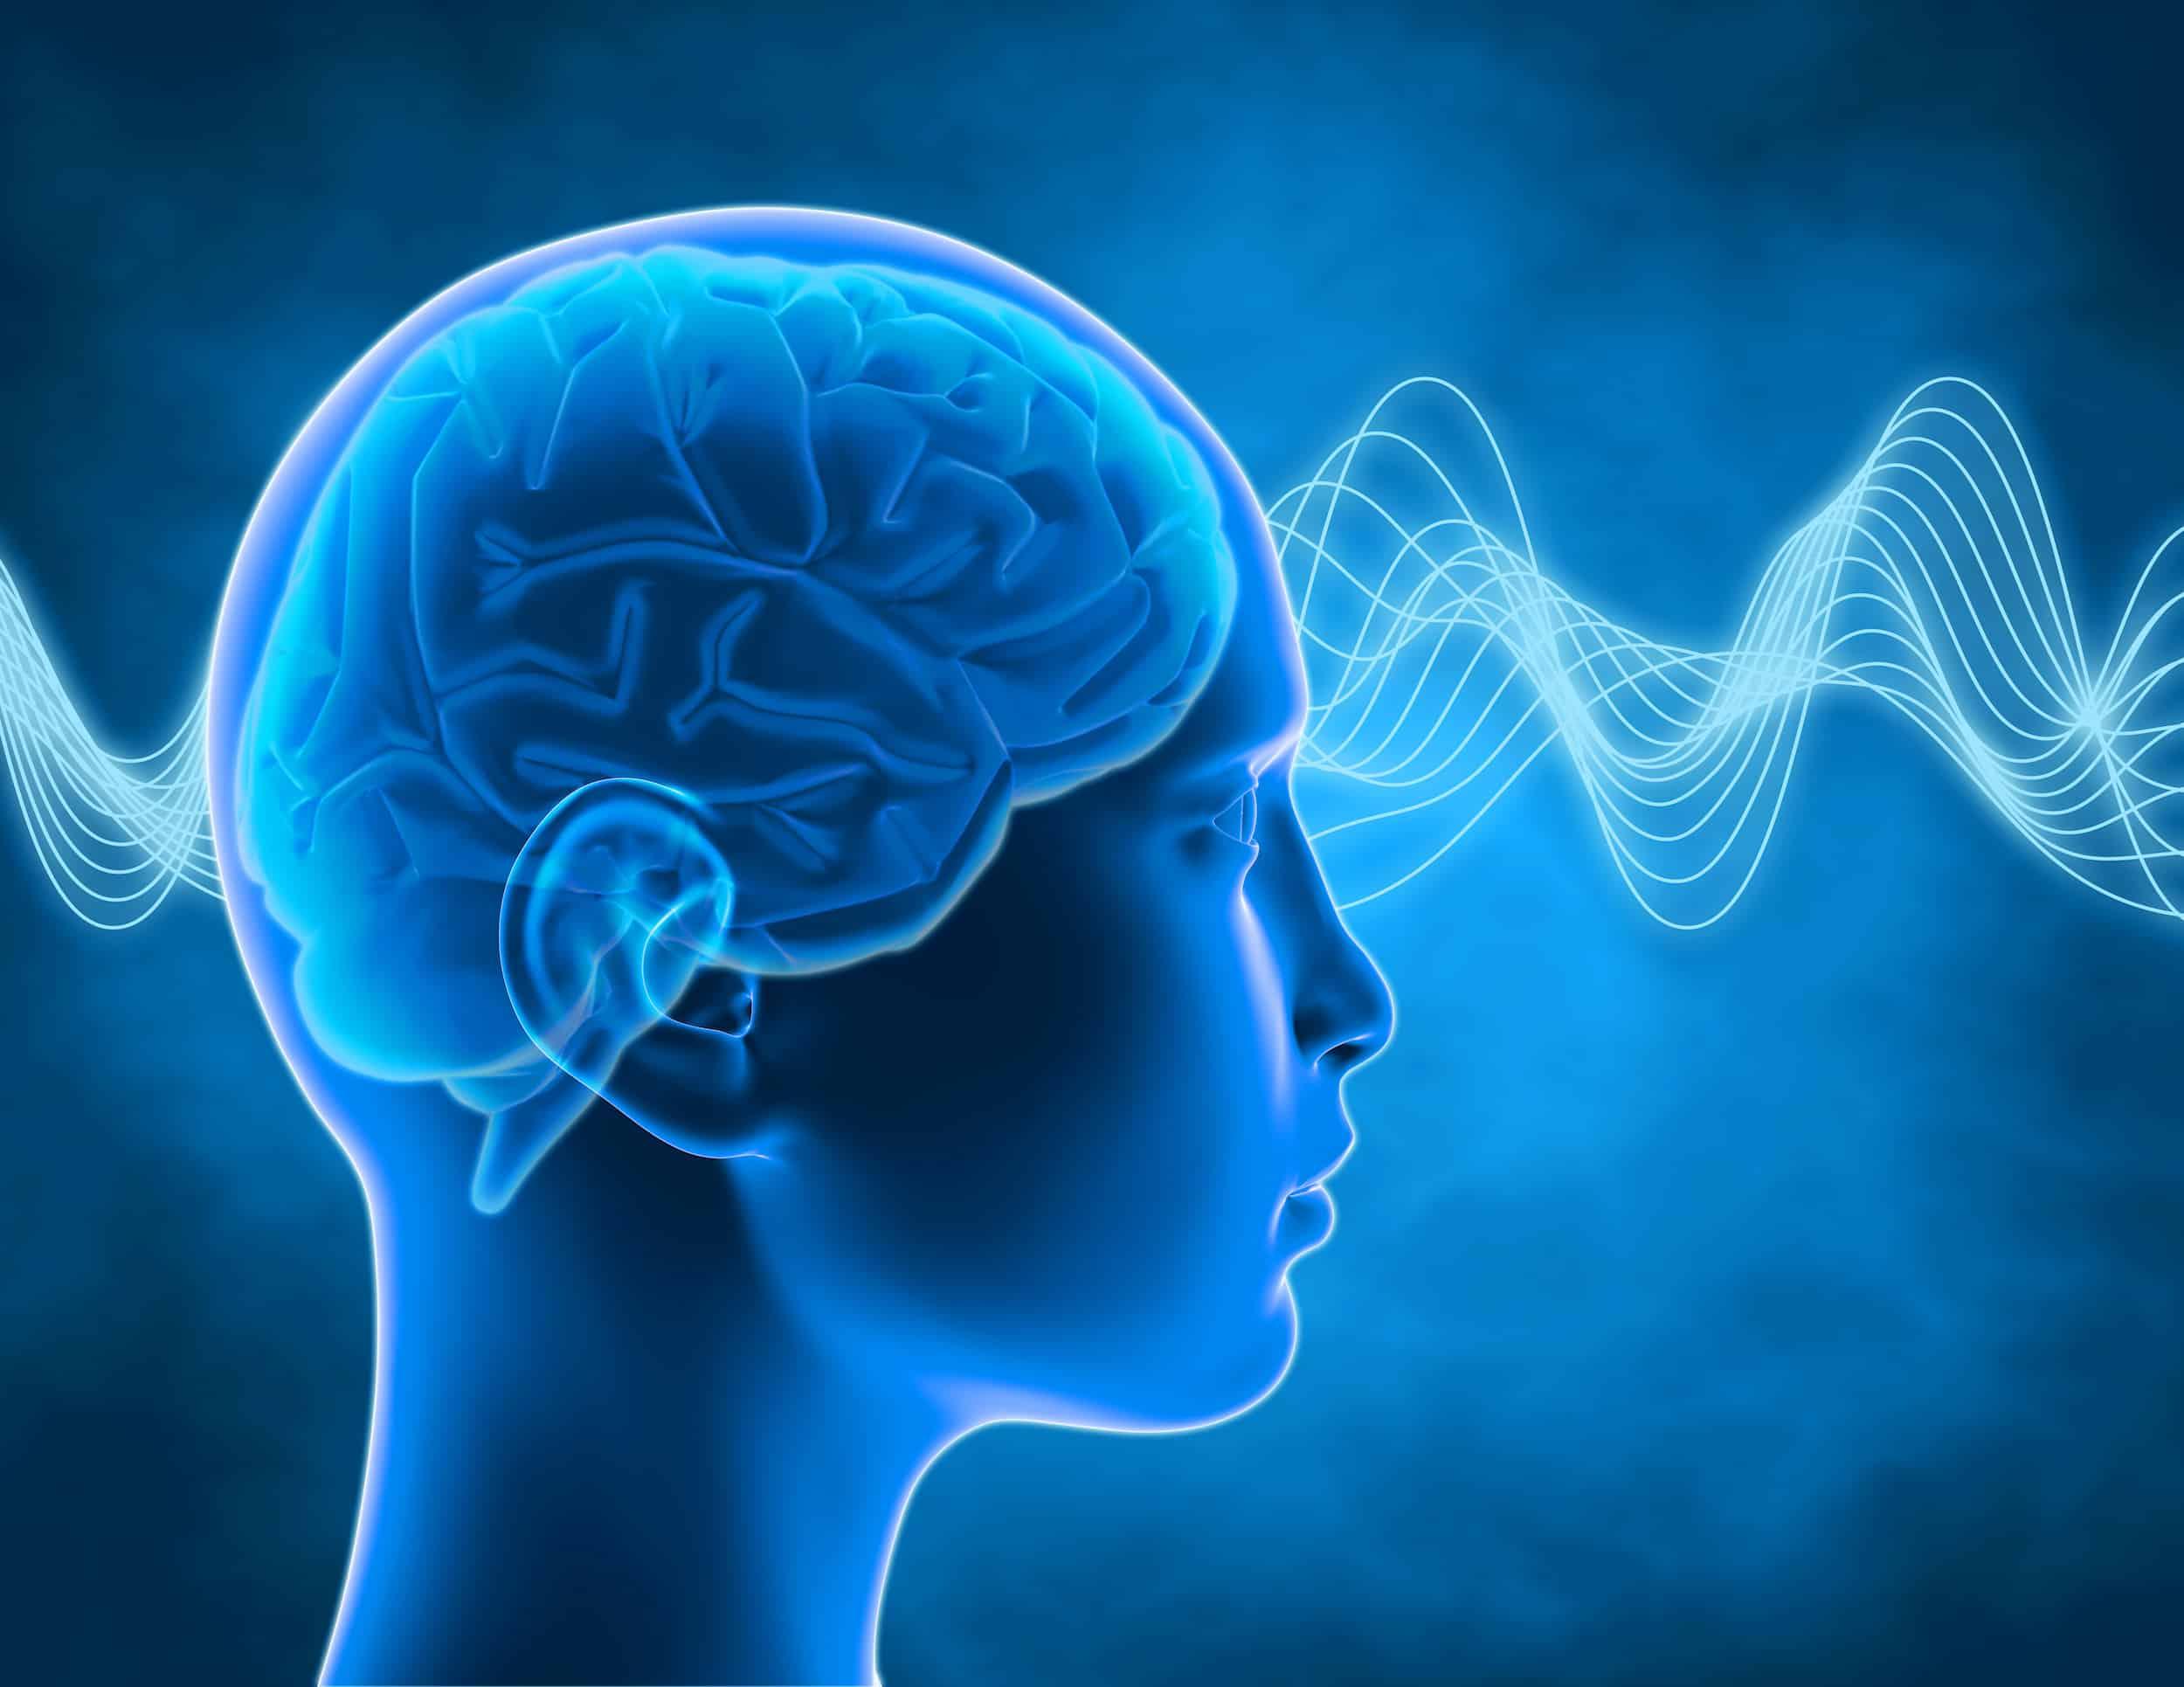 CES療法是以微安培電流的電刺激療法